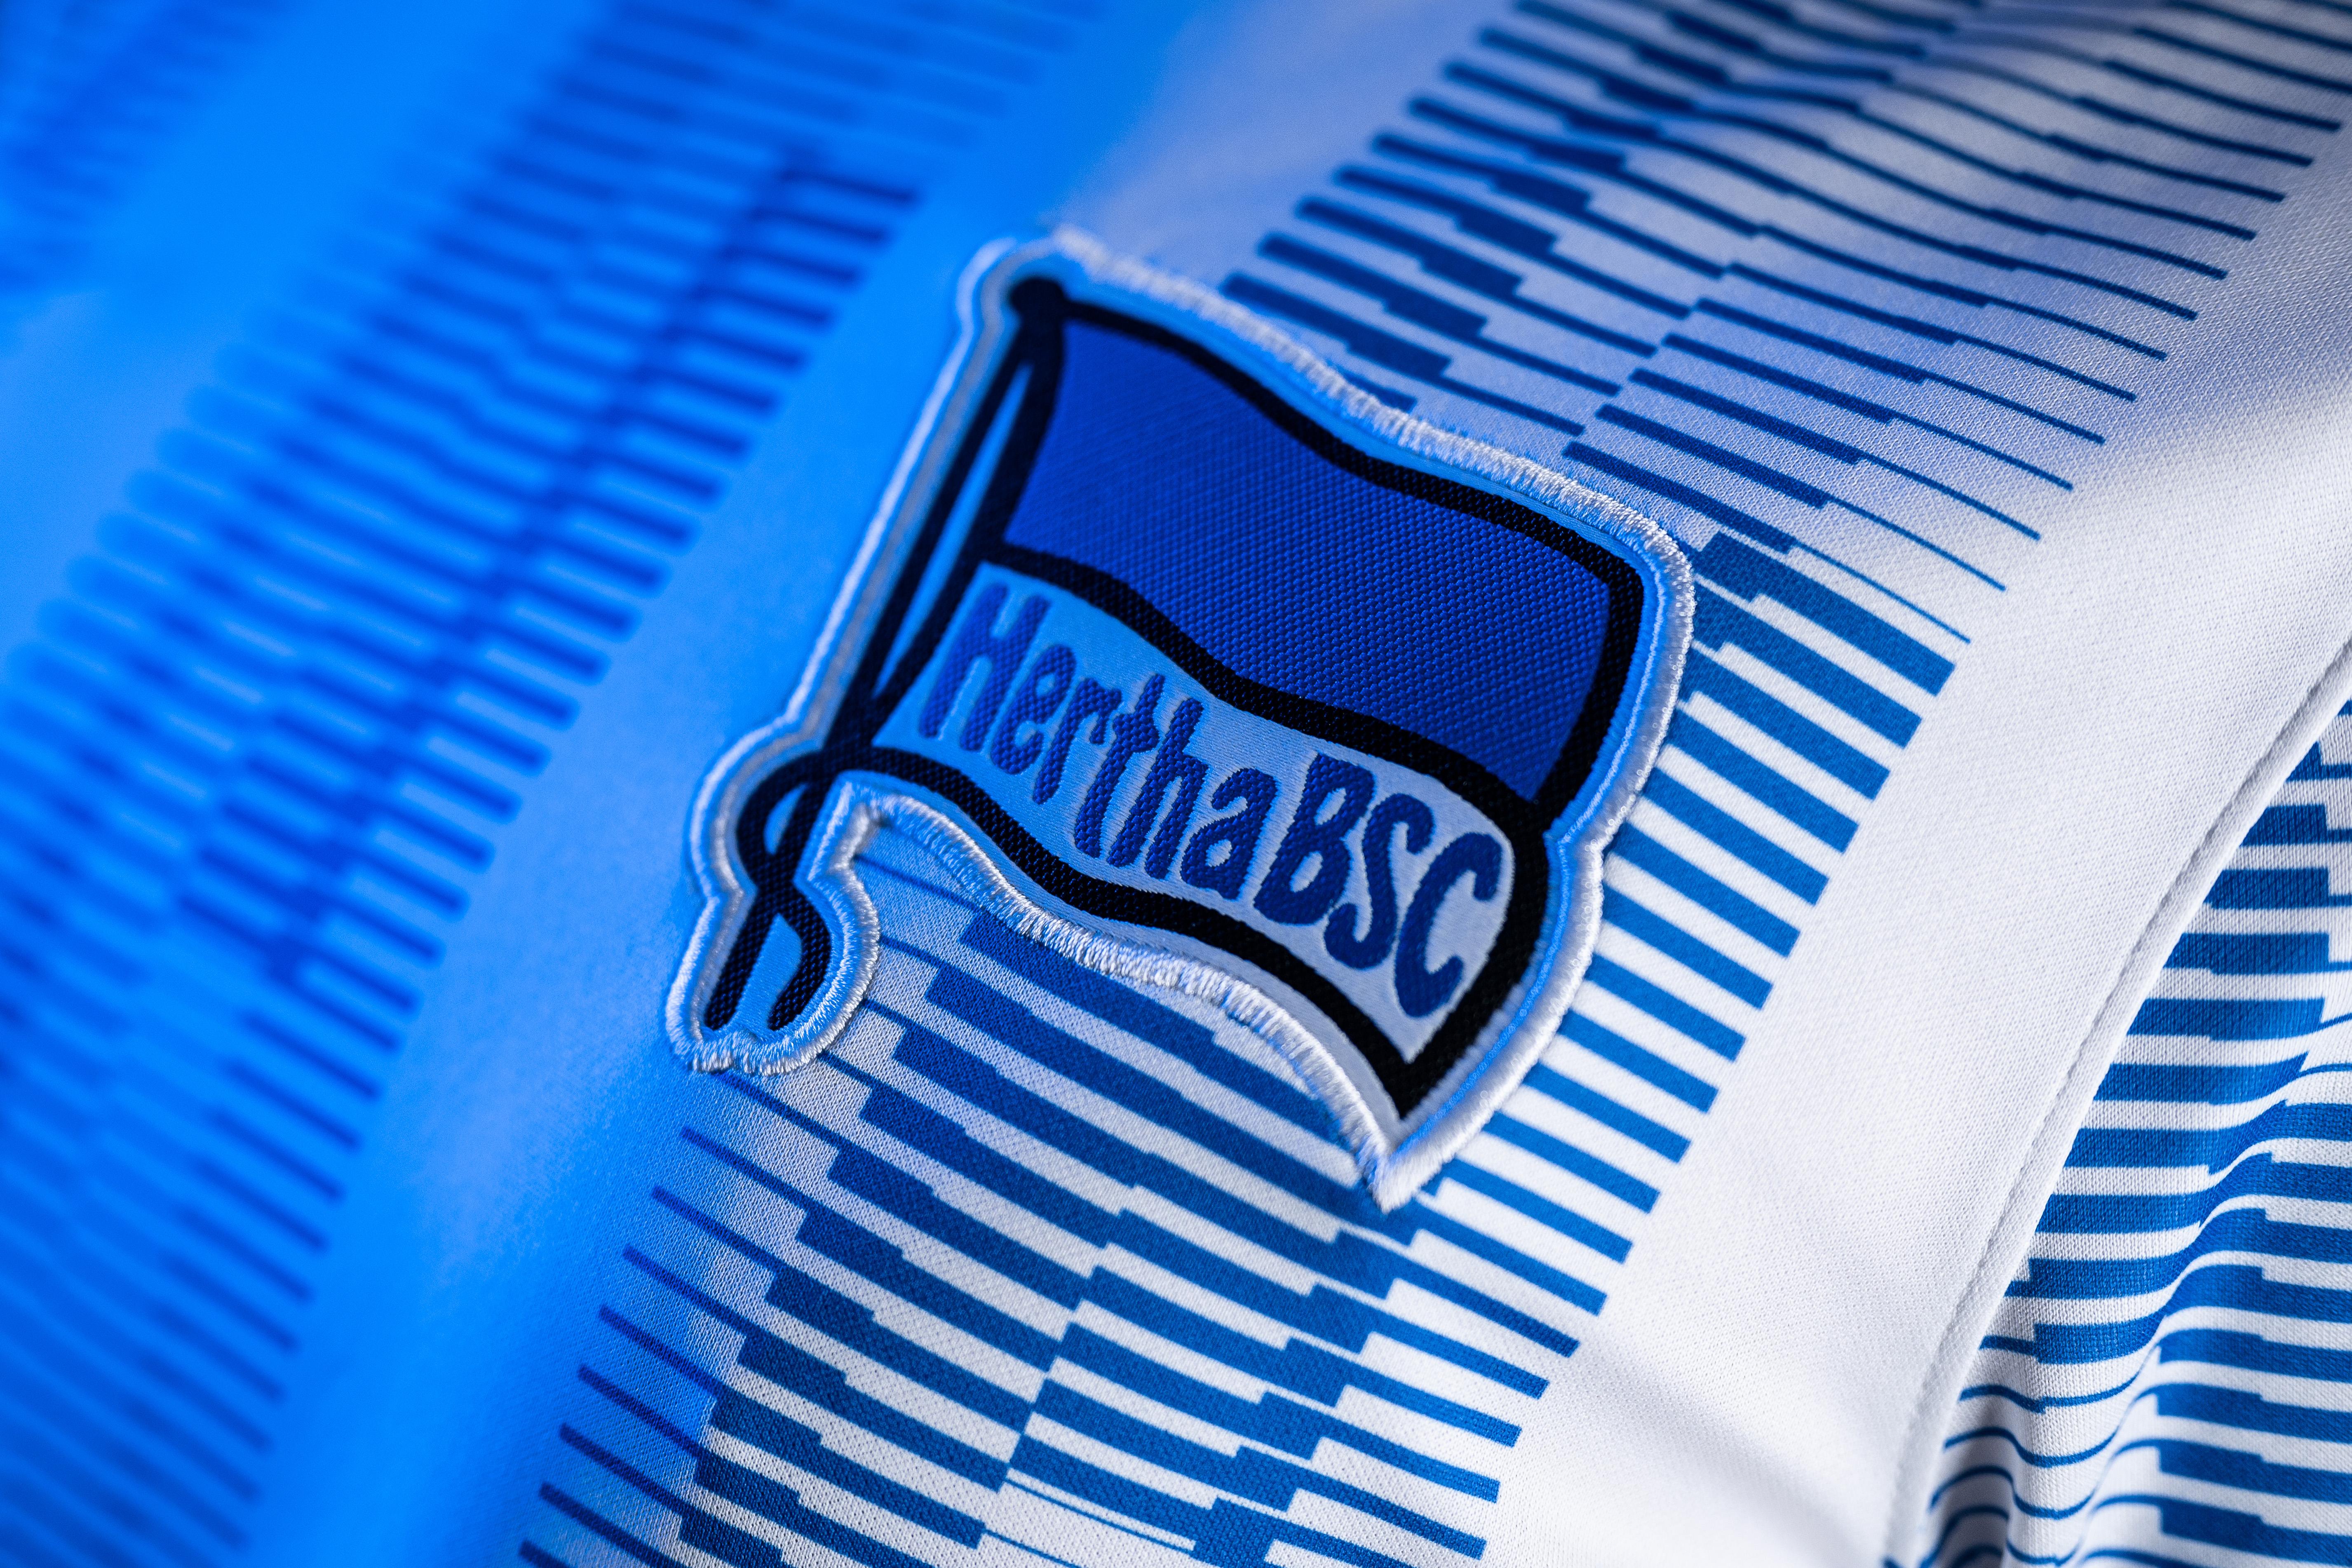 Die blau-weiße Fahne auf der Brust unseres neuen Heimtrikots.